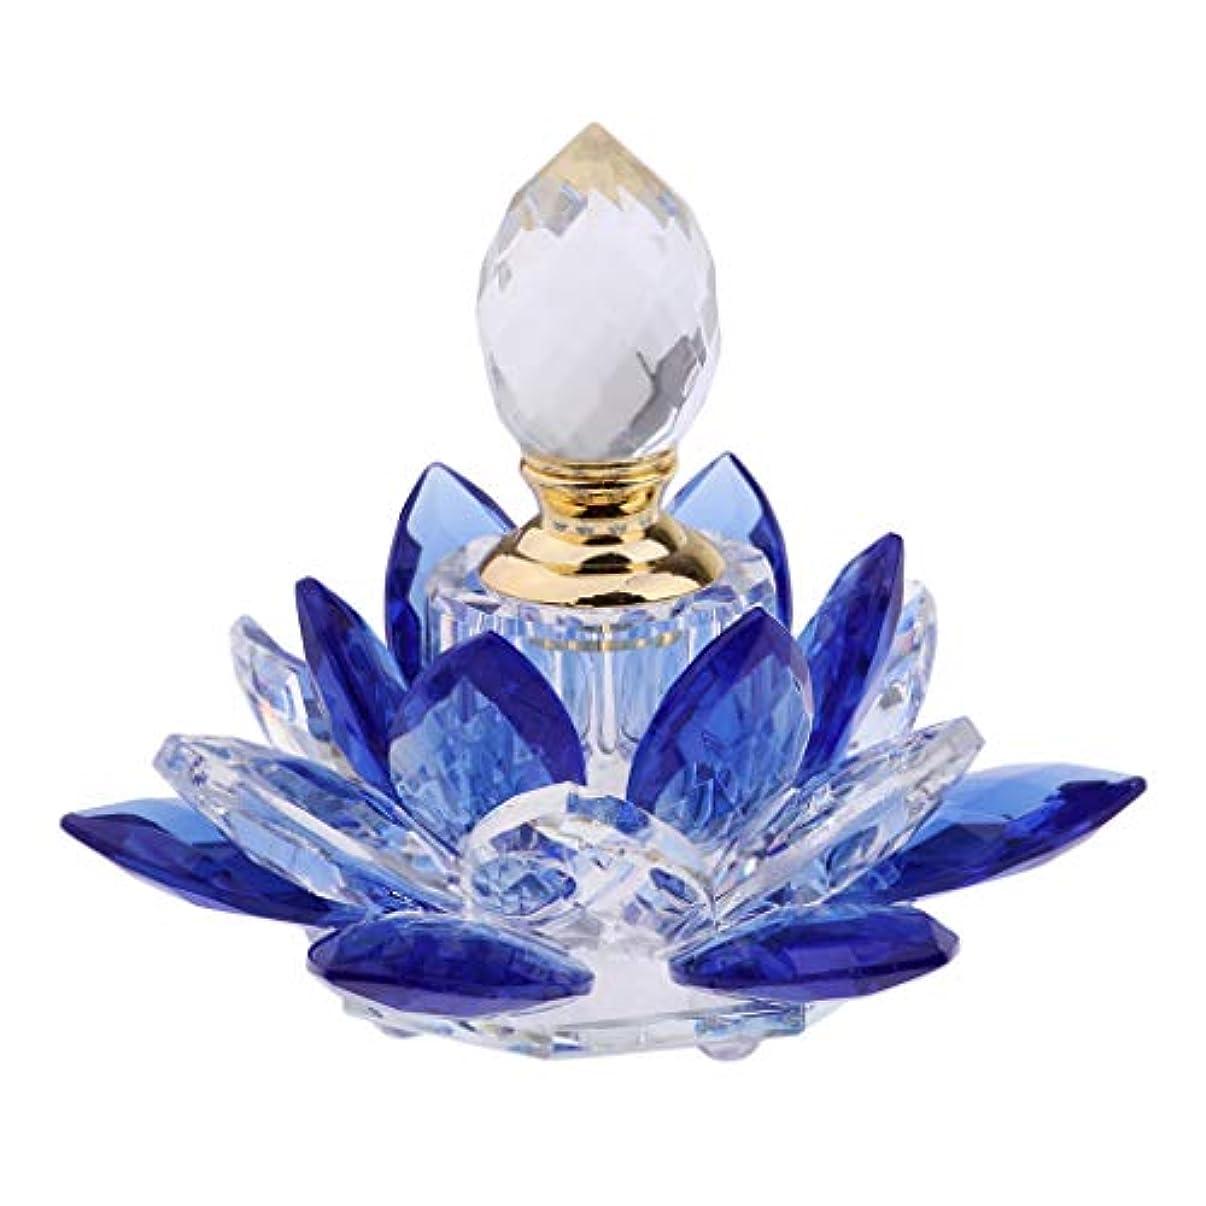 収縮遠洋の花ガラス 香水瓶 化粧水用瓶 ハスの花 フレグランスボトル 詰替用ボトル 旅行用品 携帯便利